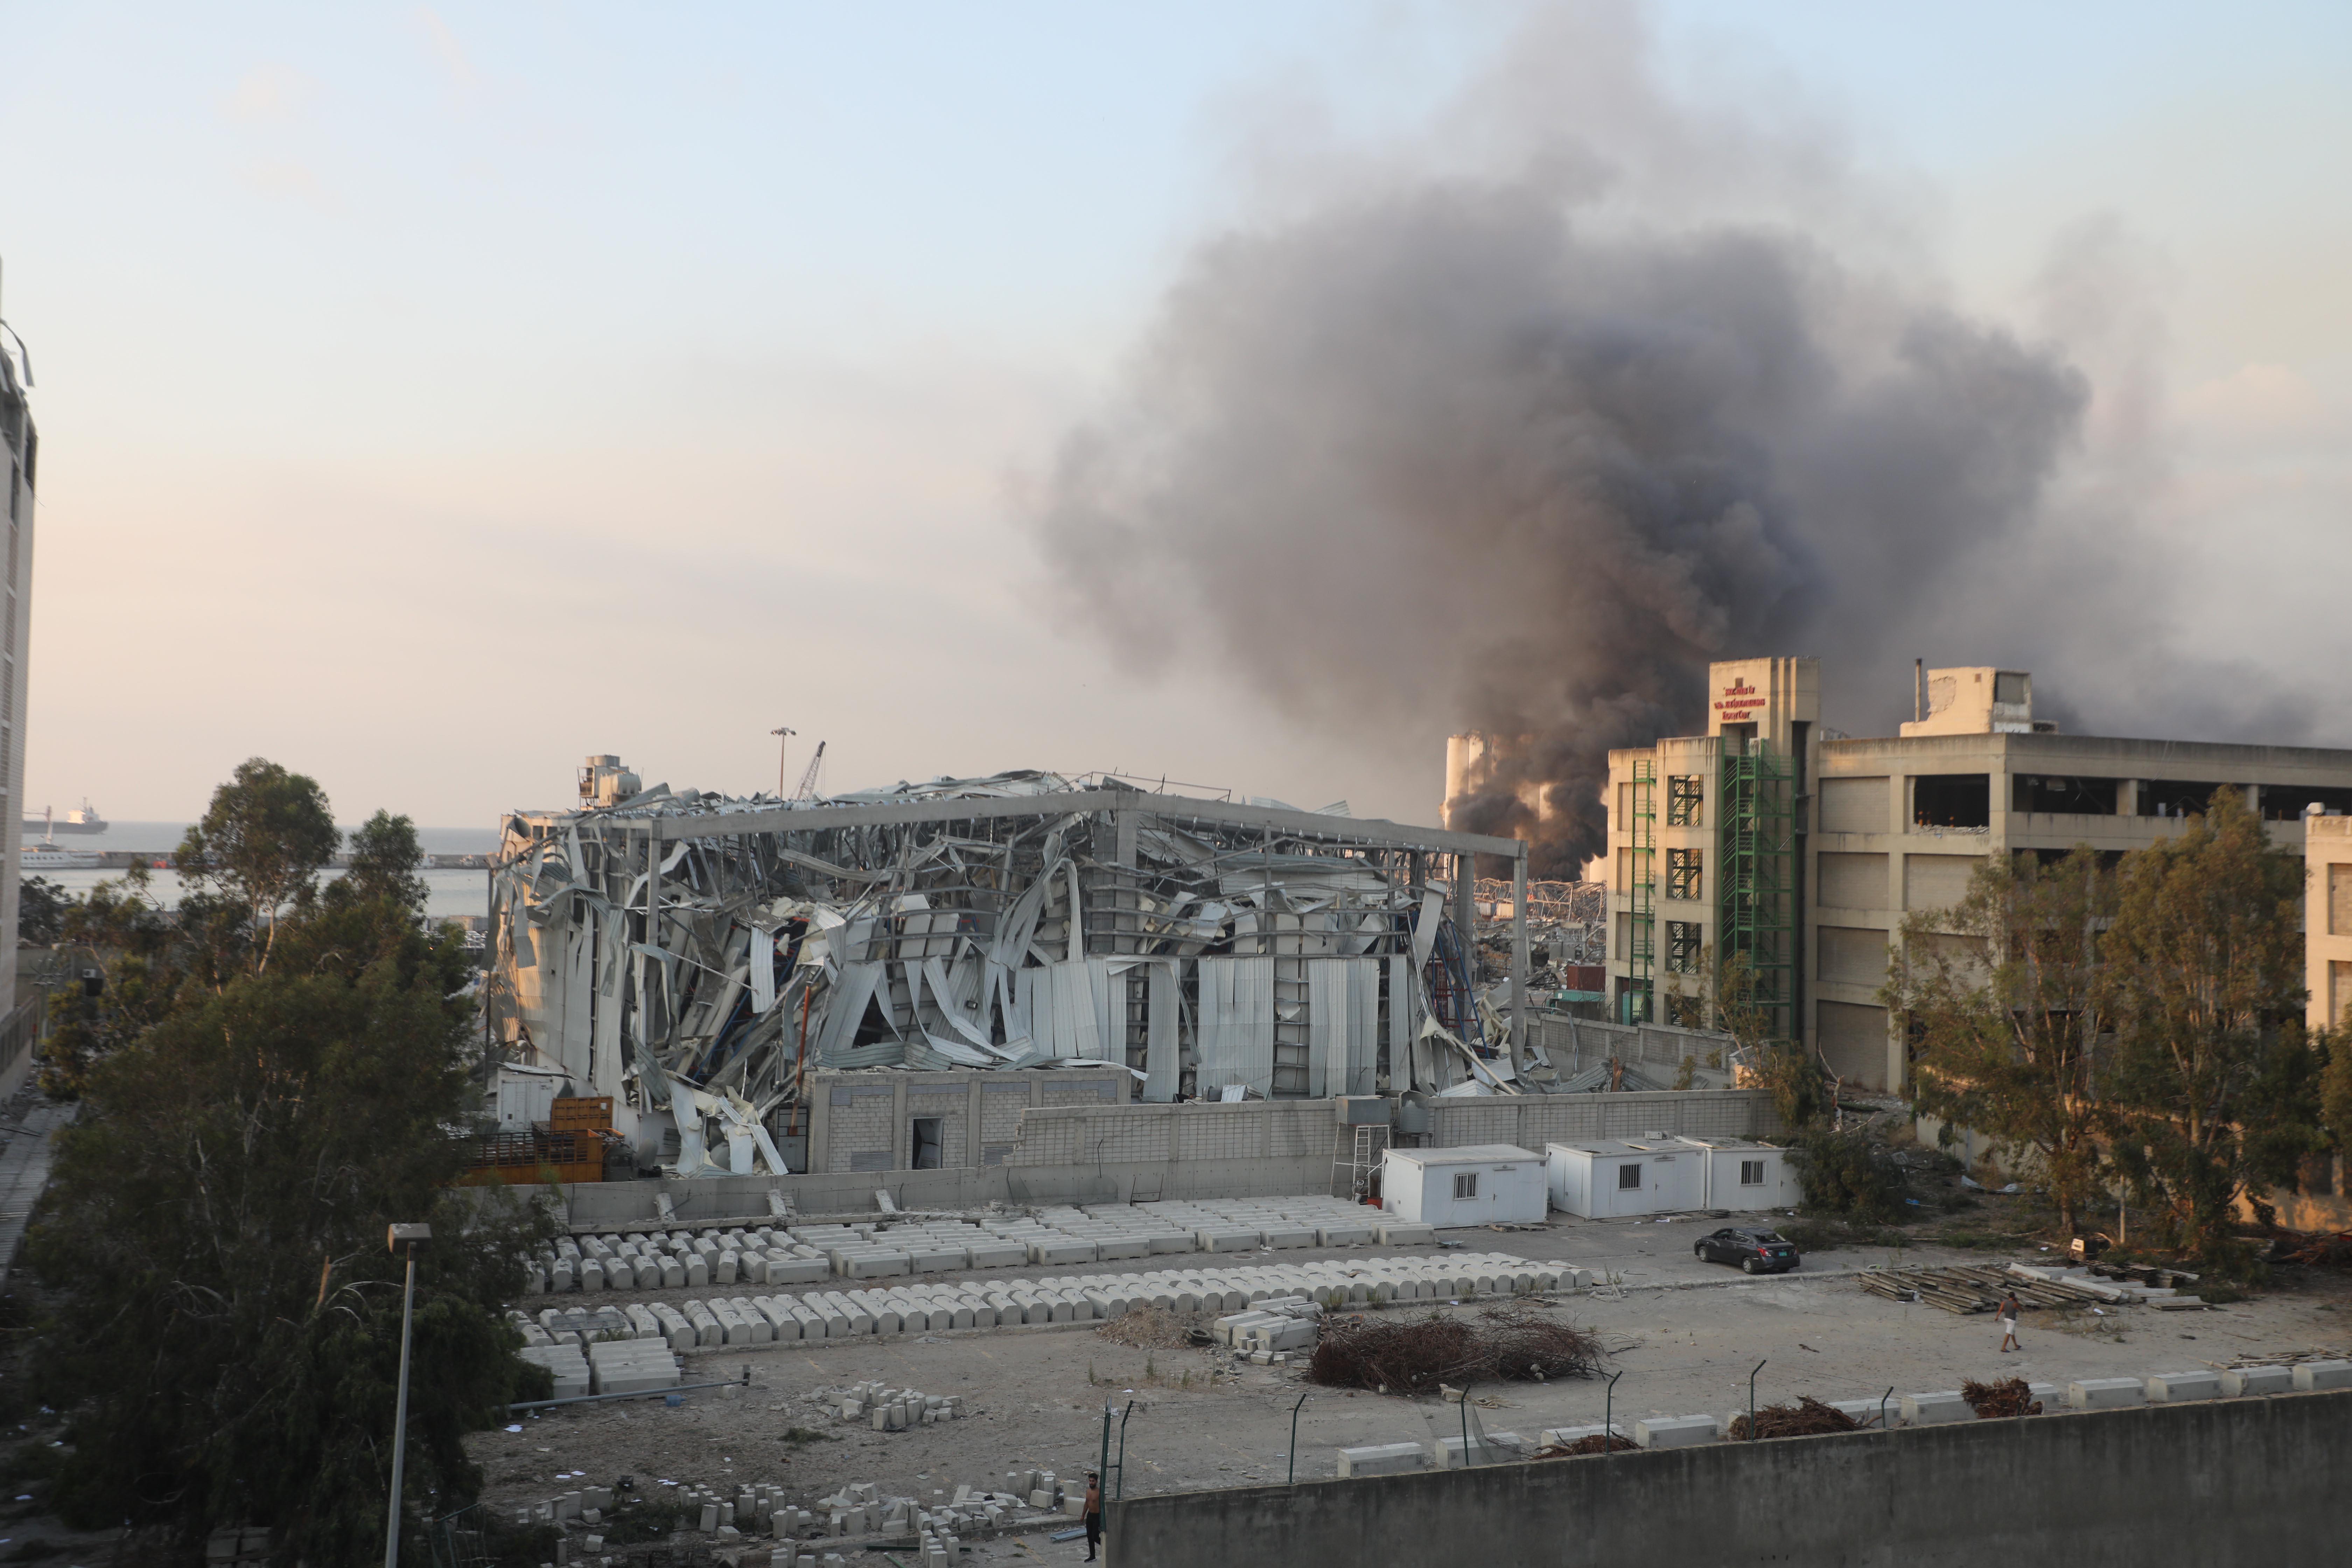 【机器人围棋】_黎巴嫩爆炸已致百人死亡,卫生部长称失踪者人数更多